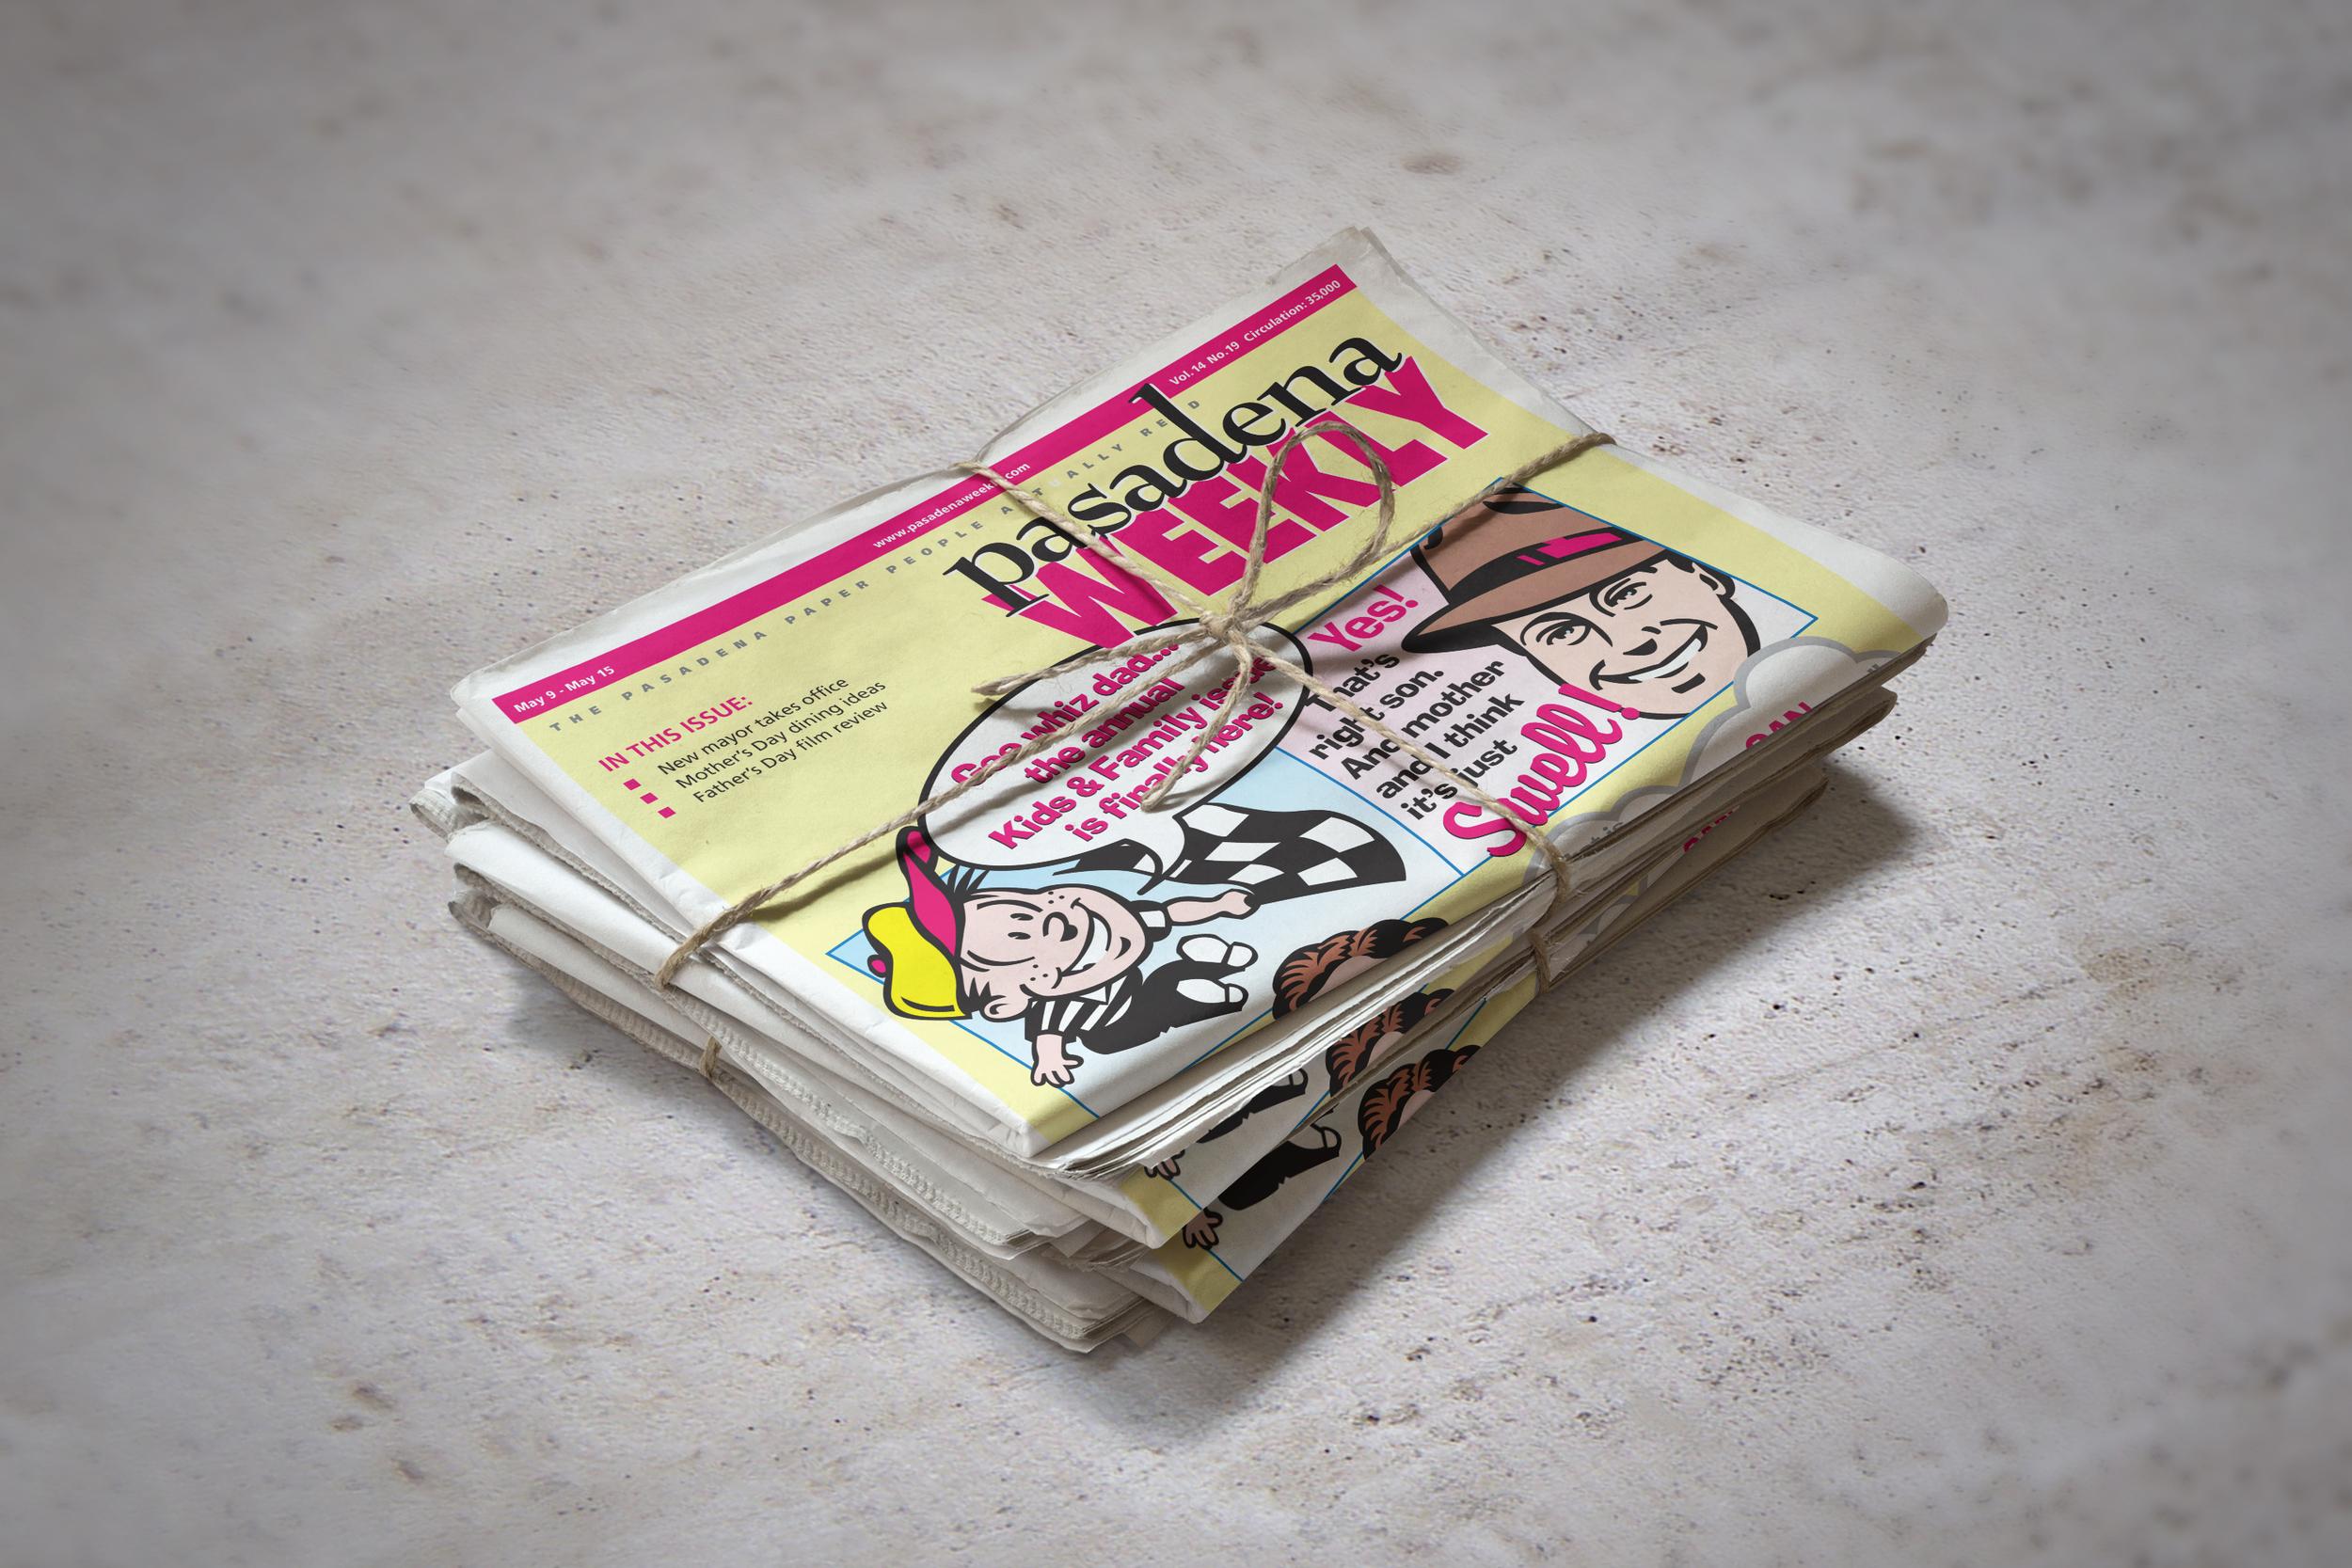 Pasadena_Weekly_Covers_02.jpg